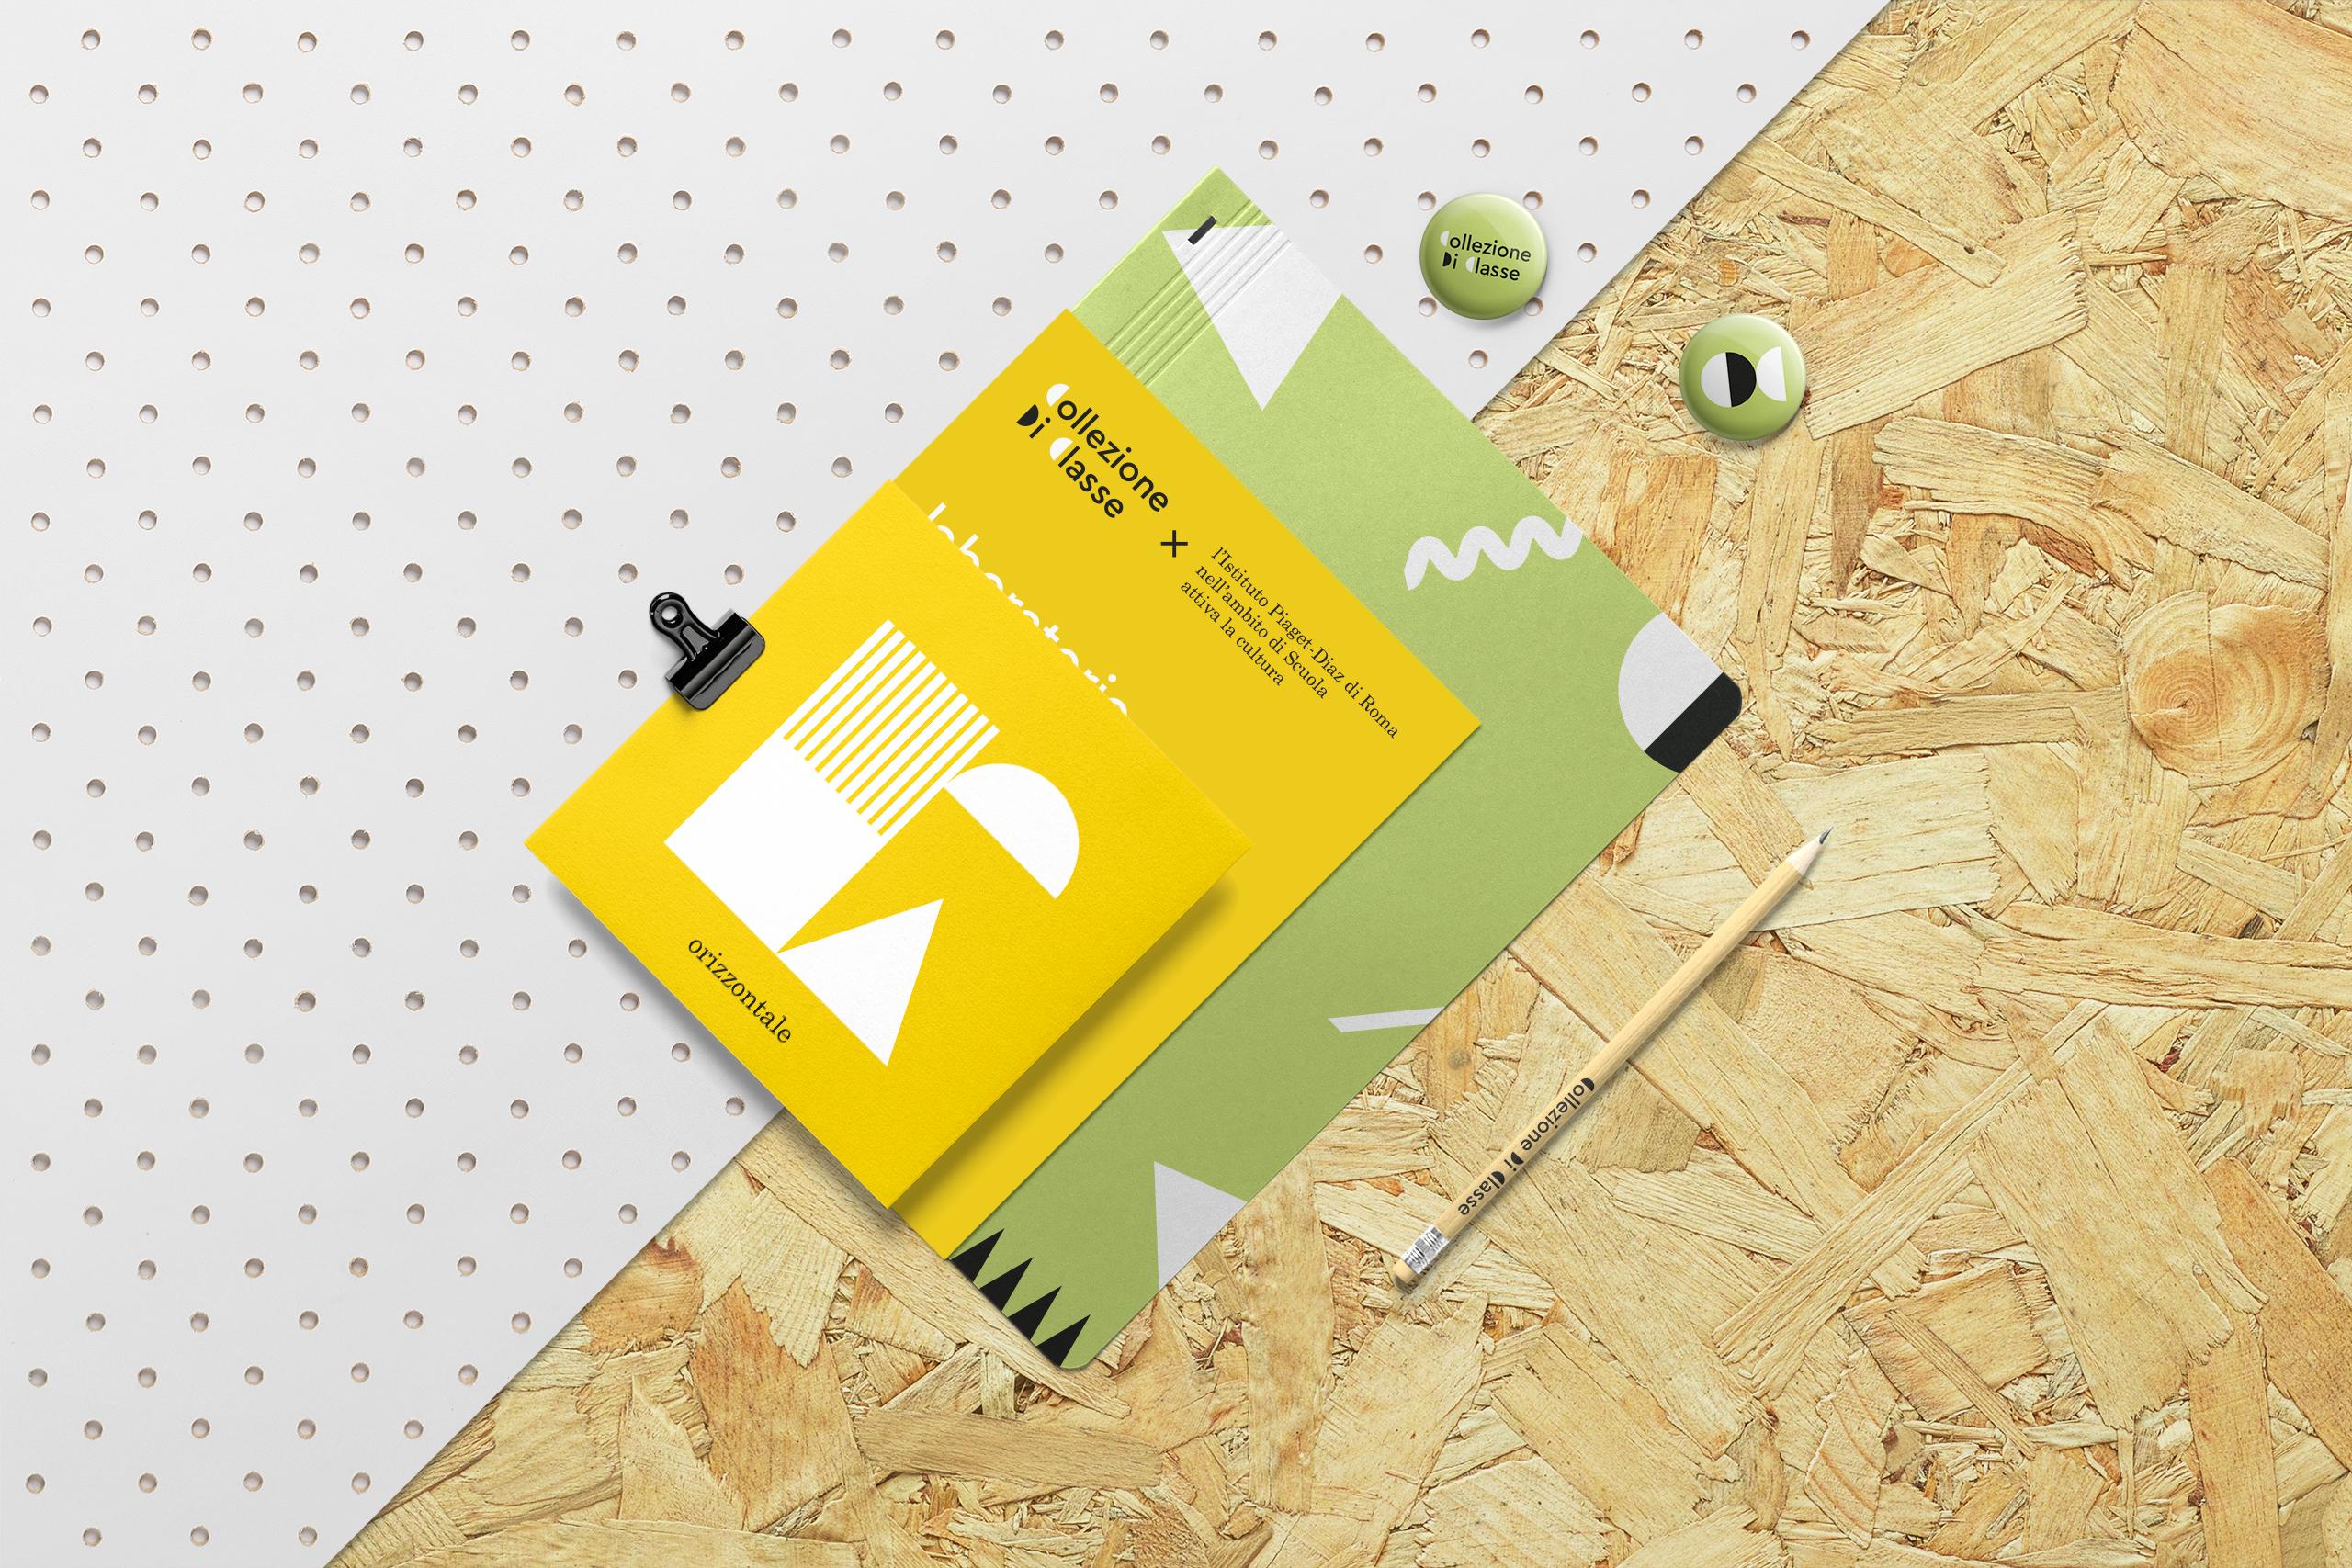 Giampiero_Quaini_collezionediclasse_booklets_2